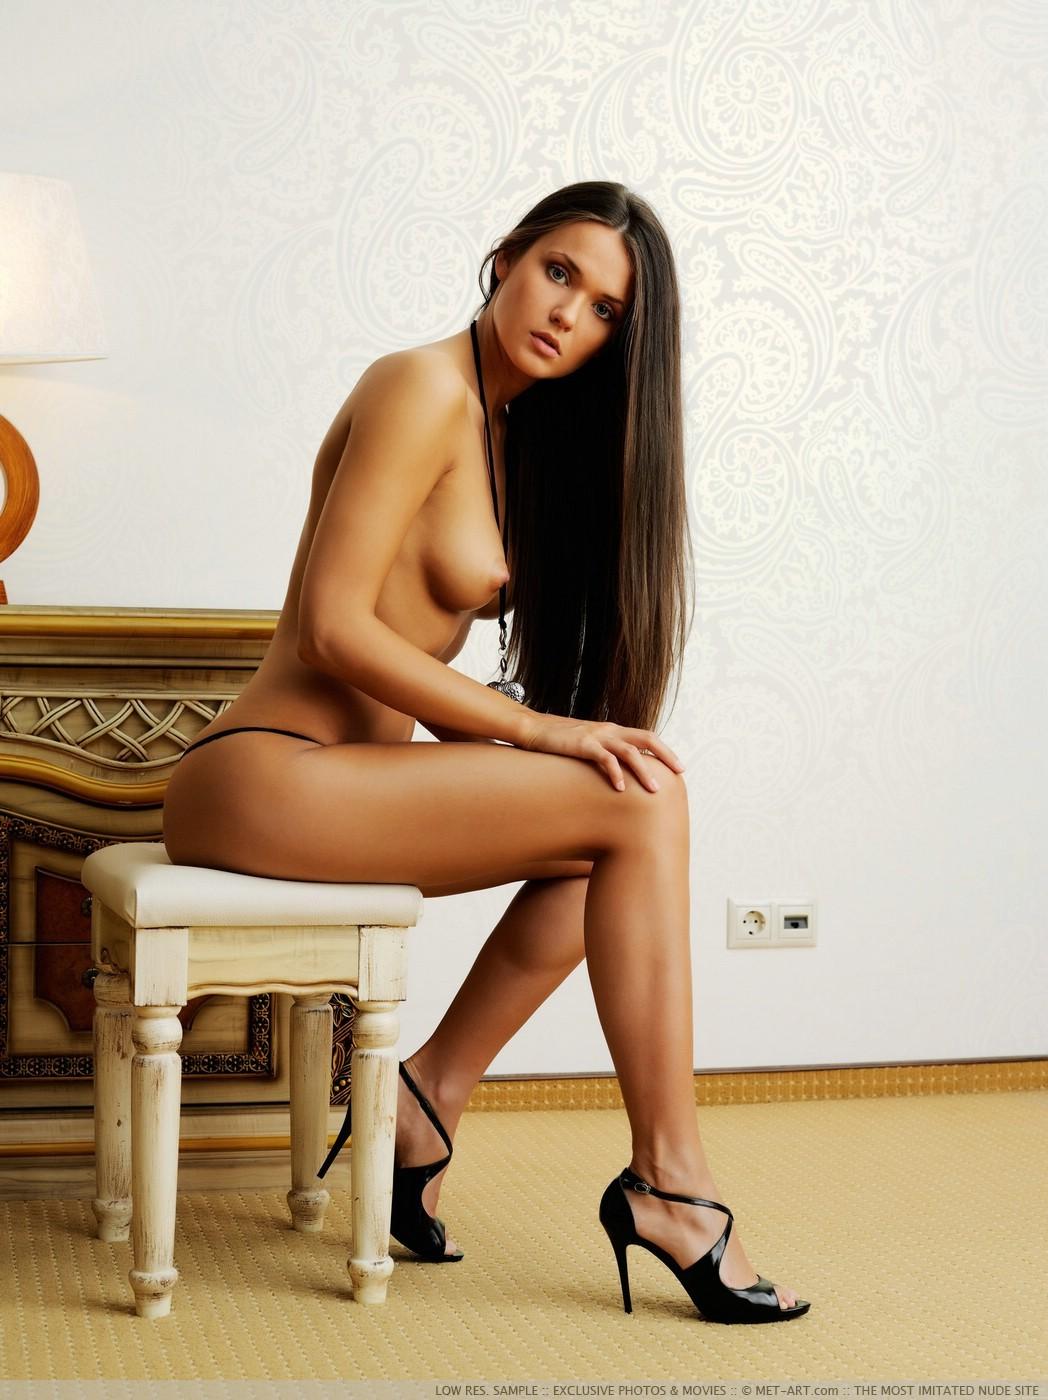 russkaya-eroticheskie-modeli-rossii-devushki-pisayut-diskoteke